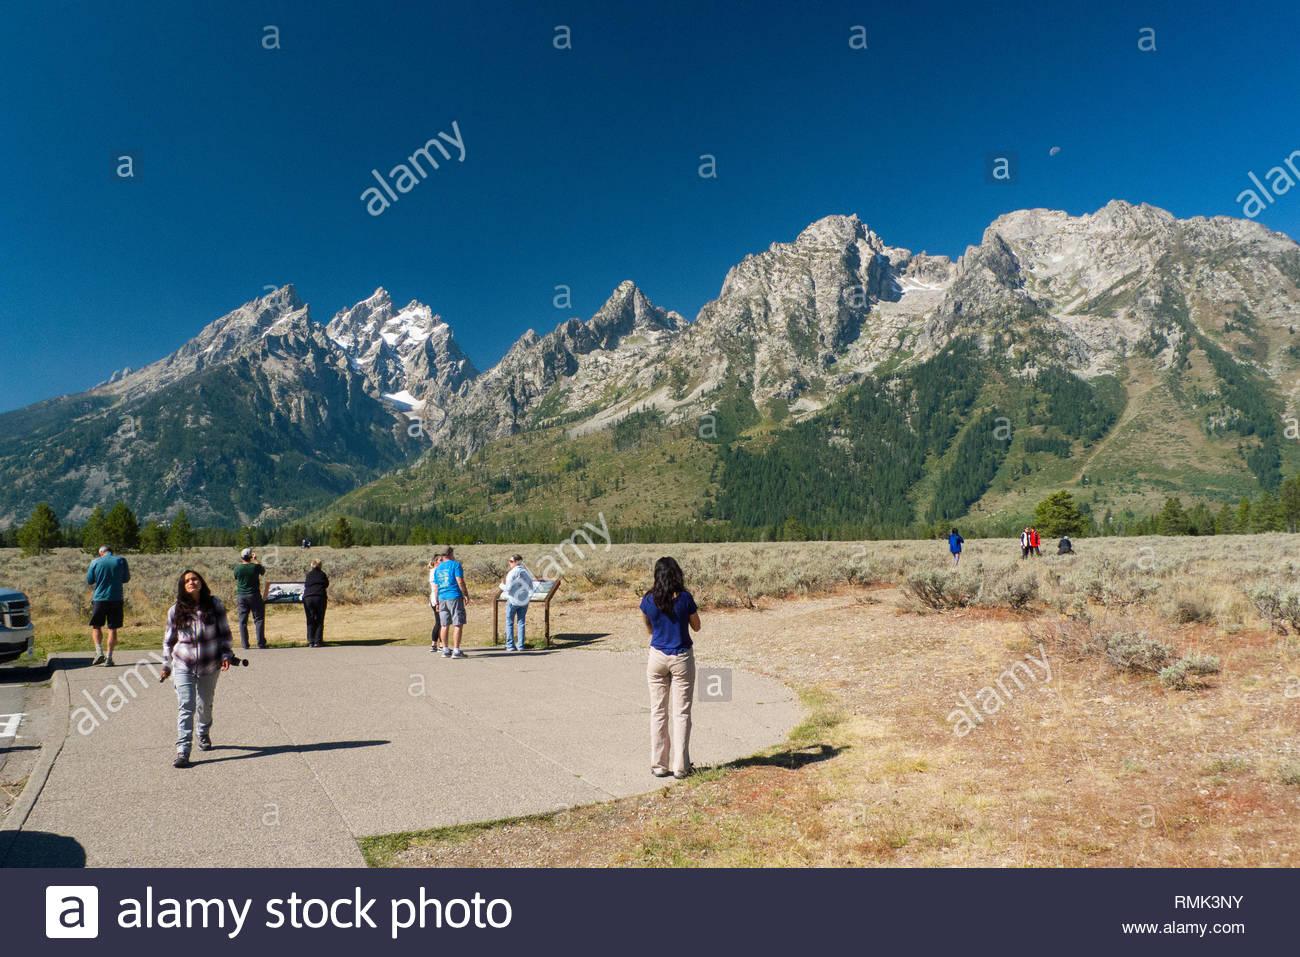 Grand Teton mountain peak seen from the Mount Moran Turnout, Grand Teton National Park, Teton County, Wyoming, USA - Stock Image